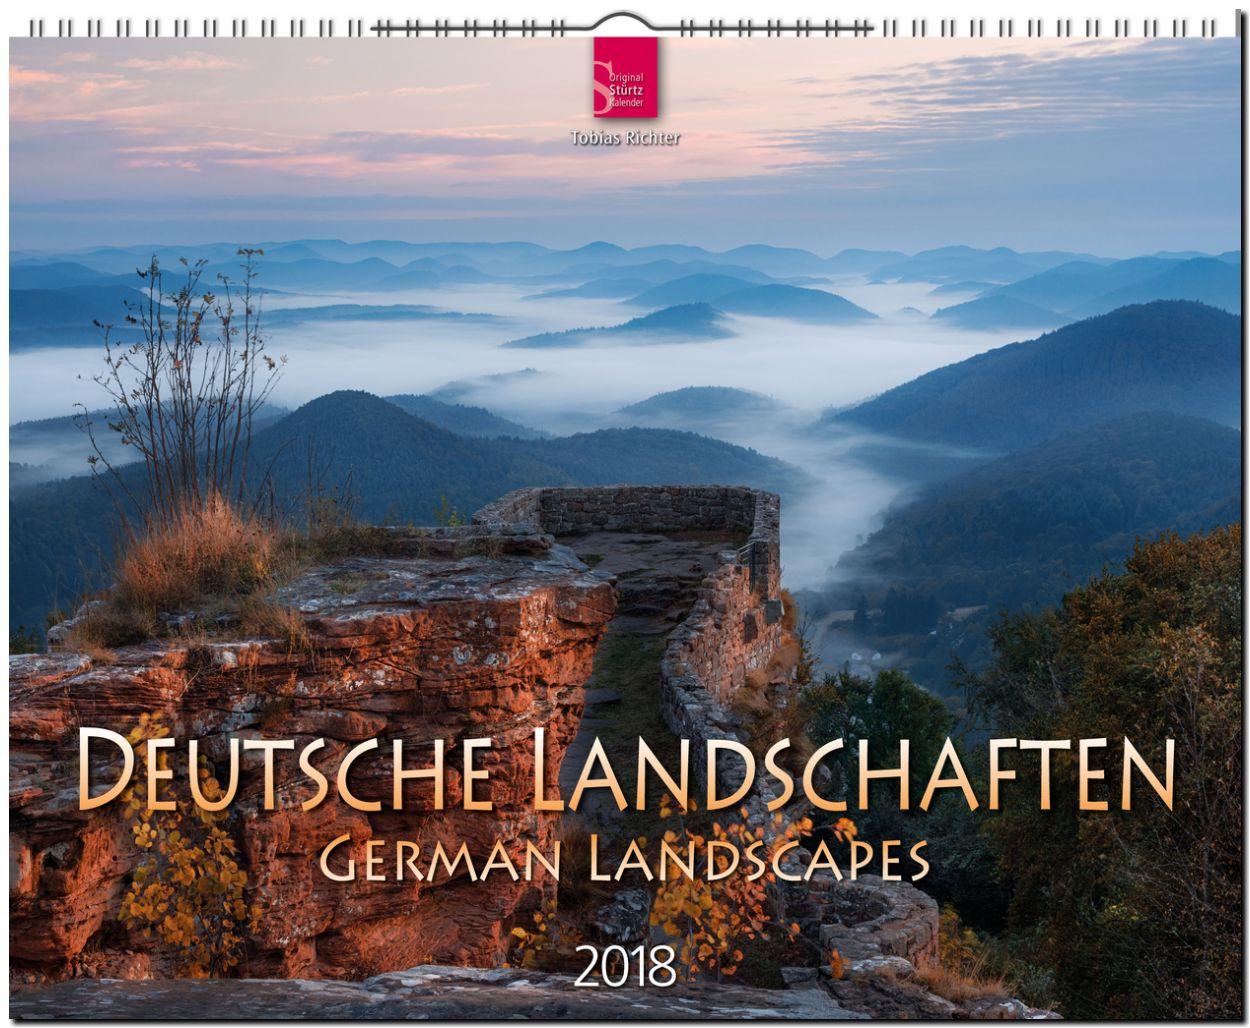 deutsche landschaften german landscapes original. Black Bedroom Furniture Sets. Home Design Ideas